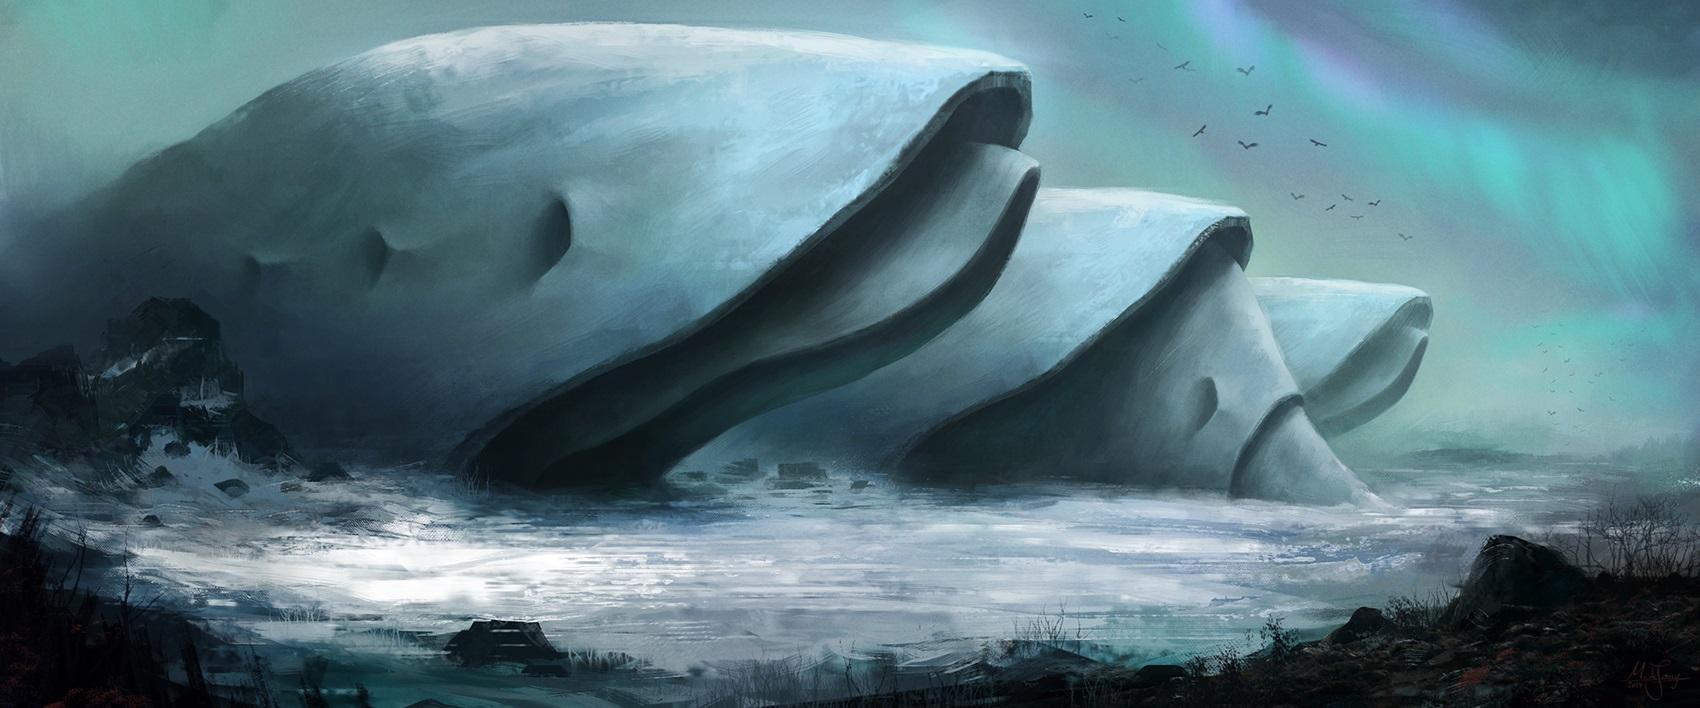 Alien structure by artificialguy